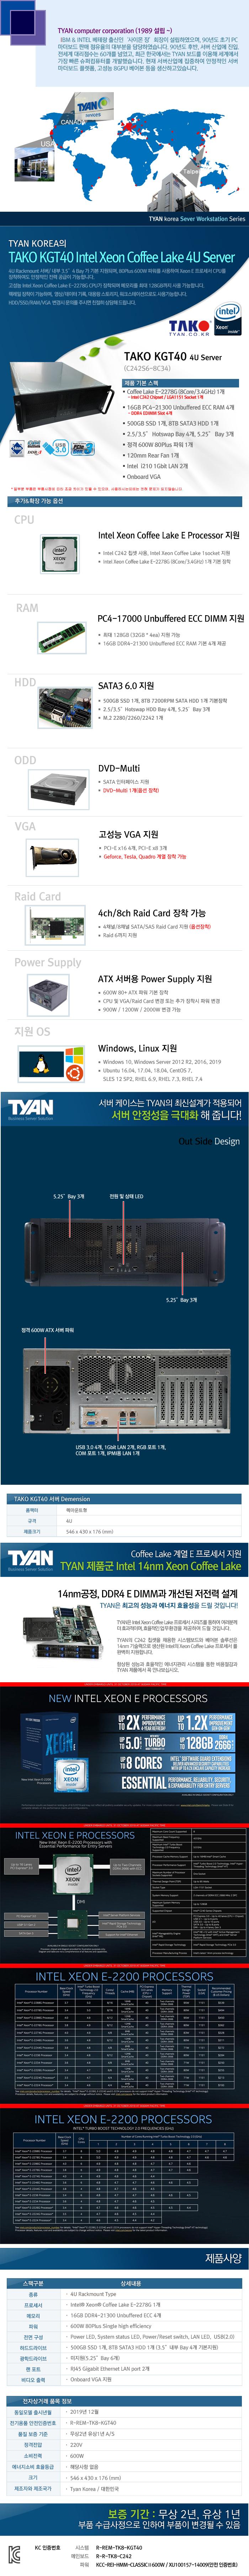 TYAN  TAKO-KGT40-(C242S6-8C34)(64GB, SSD 500GB + 8TB)